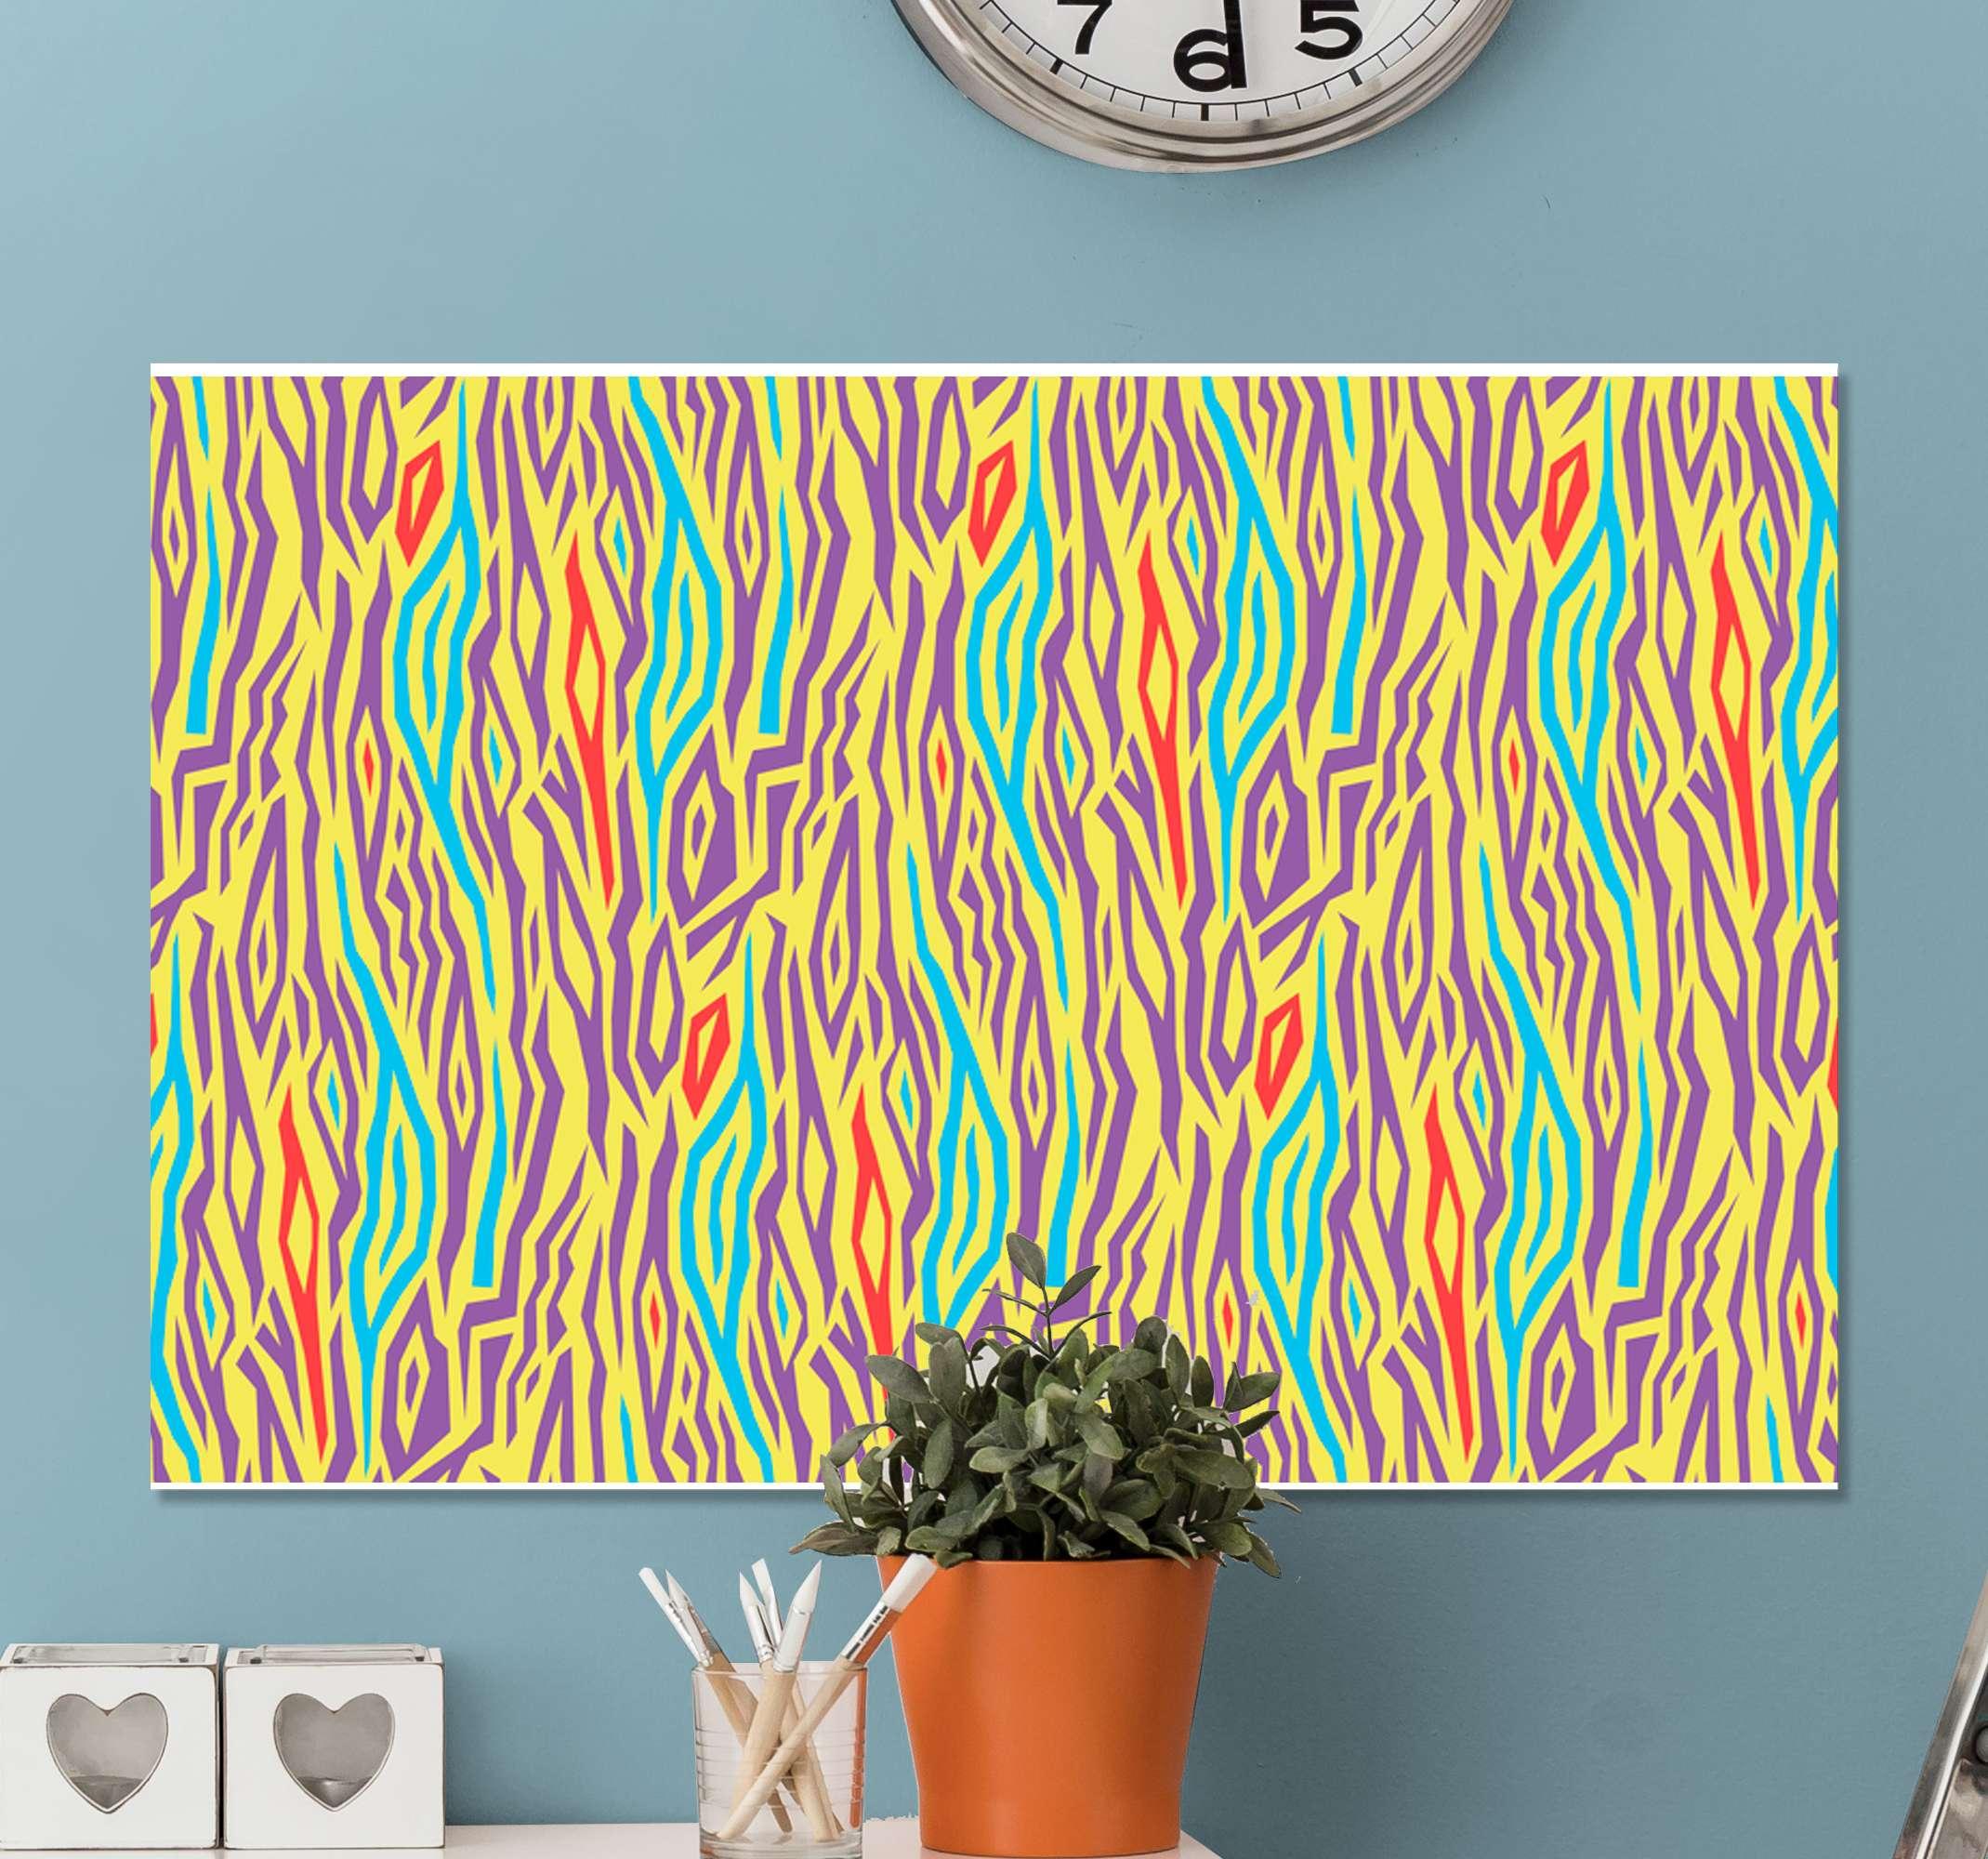 TenStickers. Vintage farvet zebra lærred udskrifter. Zebra-lærredstryk, der har et zebramønster i vidunderlige nuancer af gul, grøn, lilla og rød. Materialer af høj kvalitet.